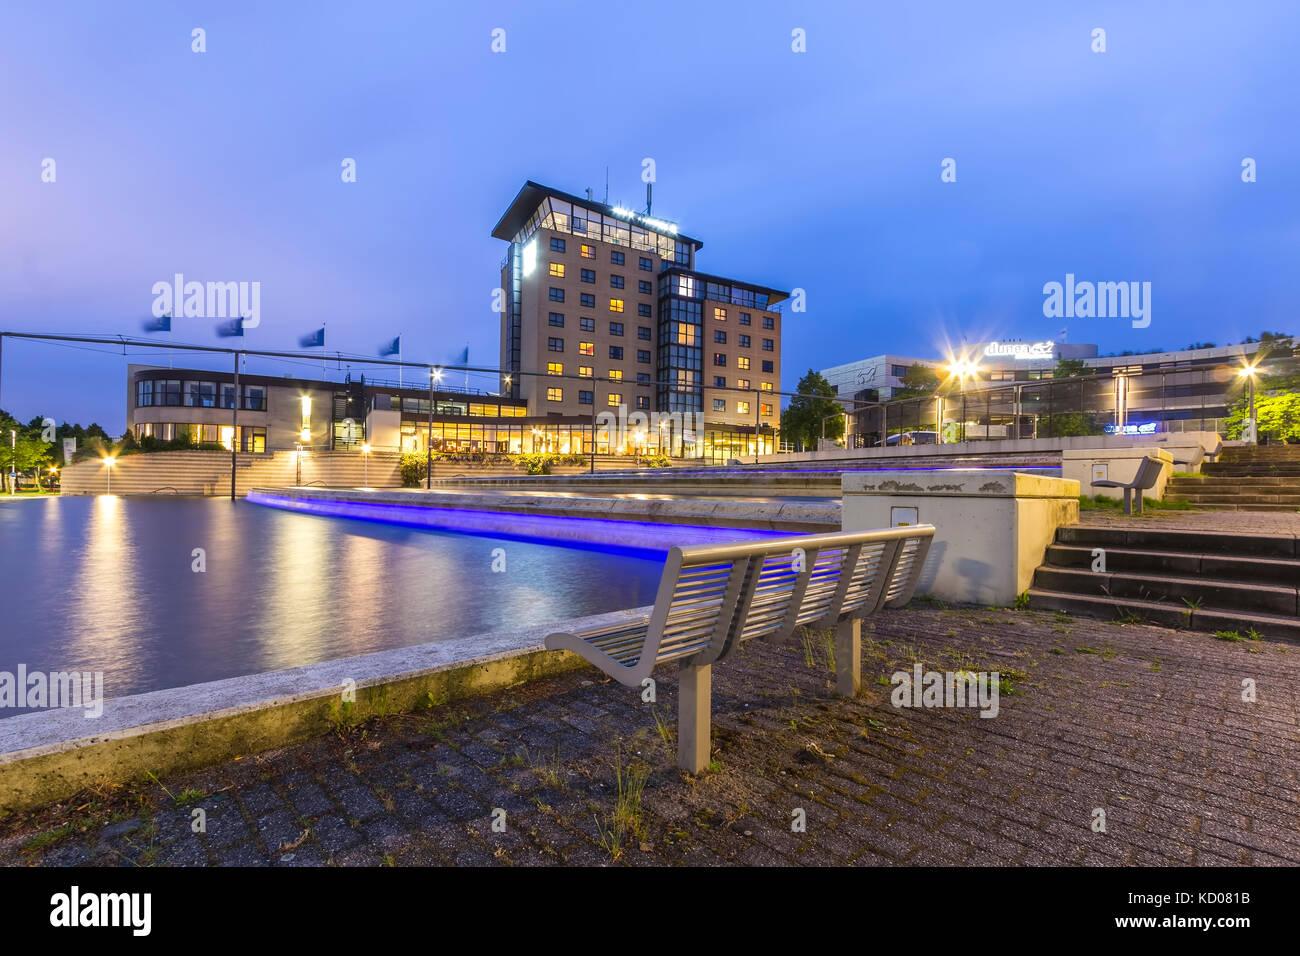 Water Art Structures : Zoetermeer stock photos images alamy